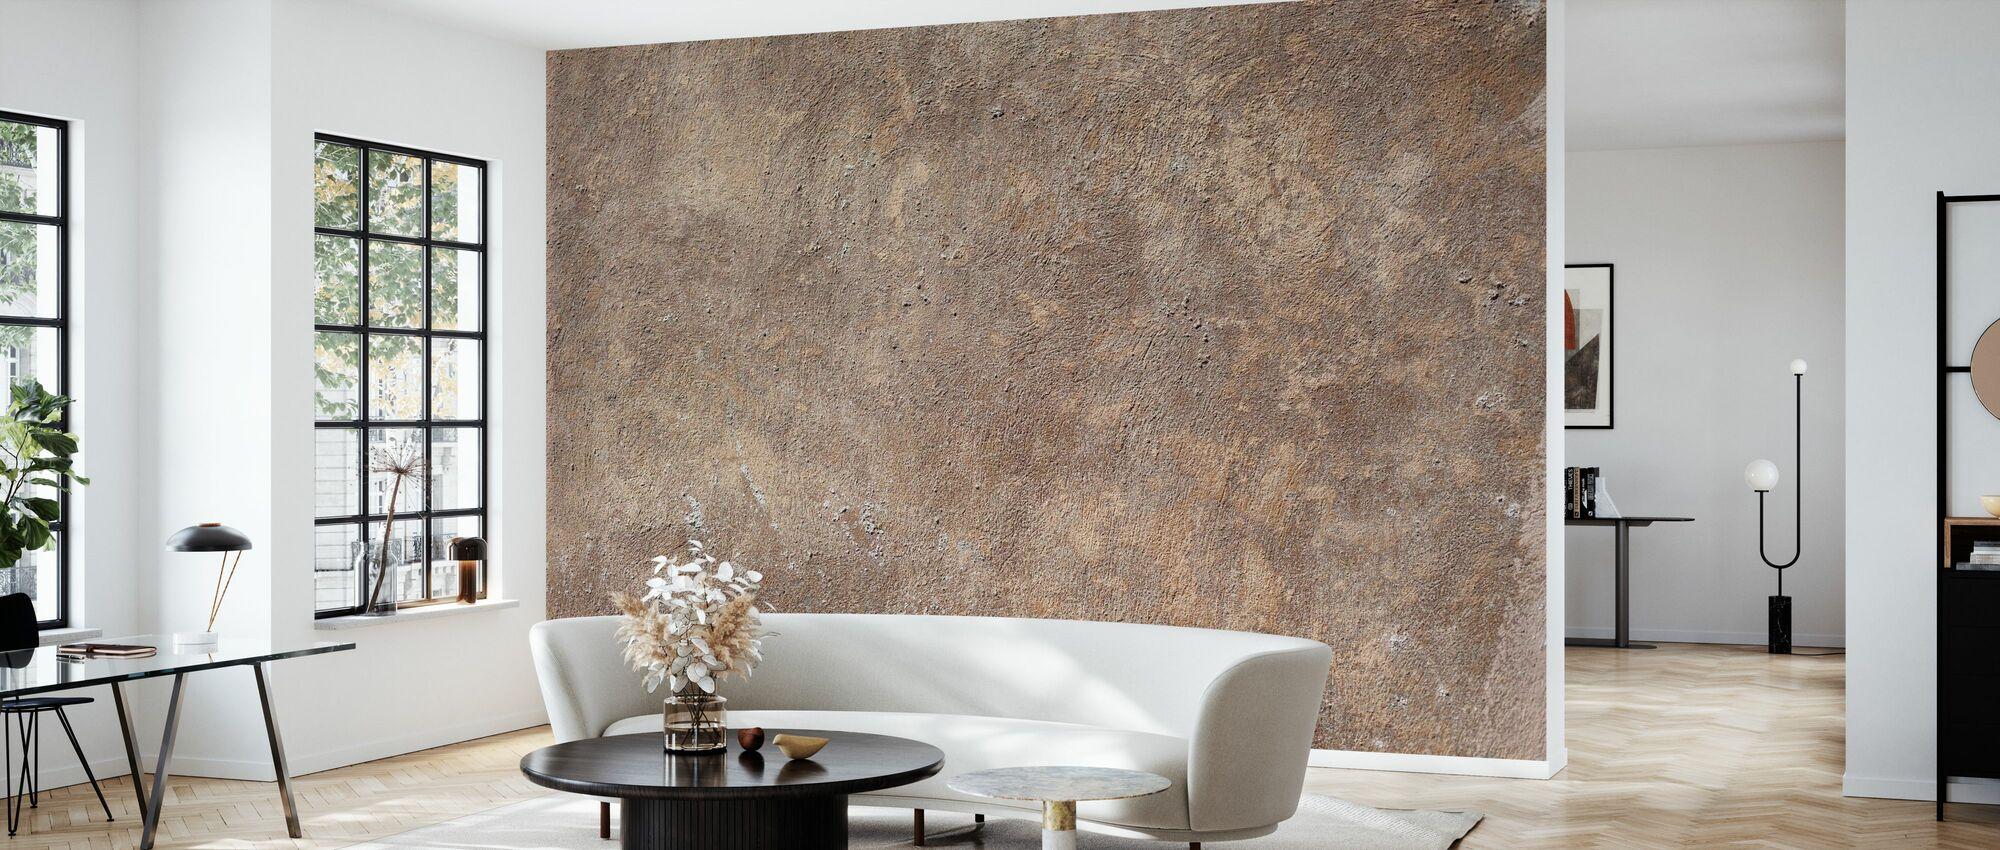 gestrahlte Wand - Tapete - Wohnzimmer